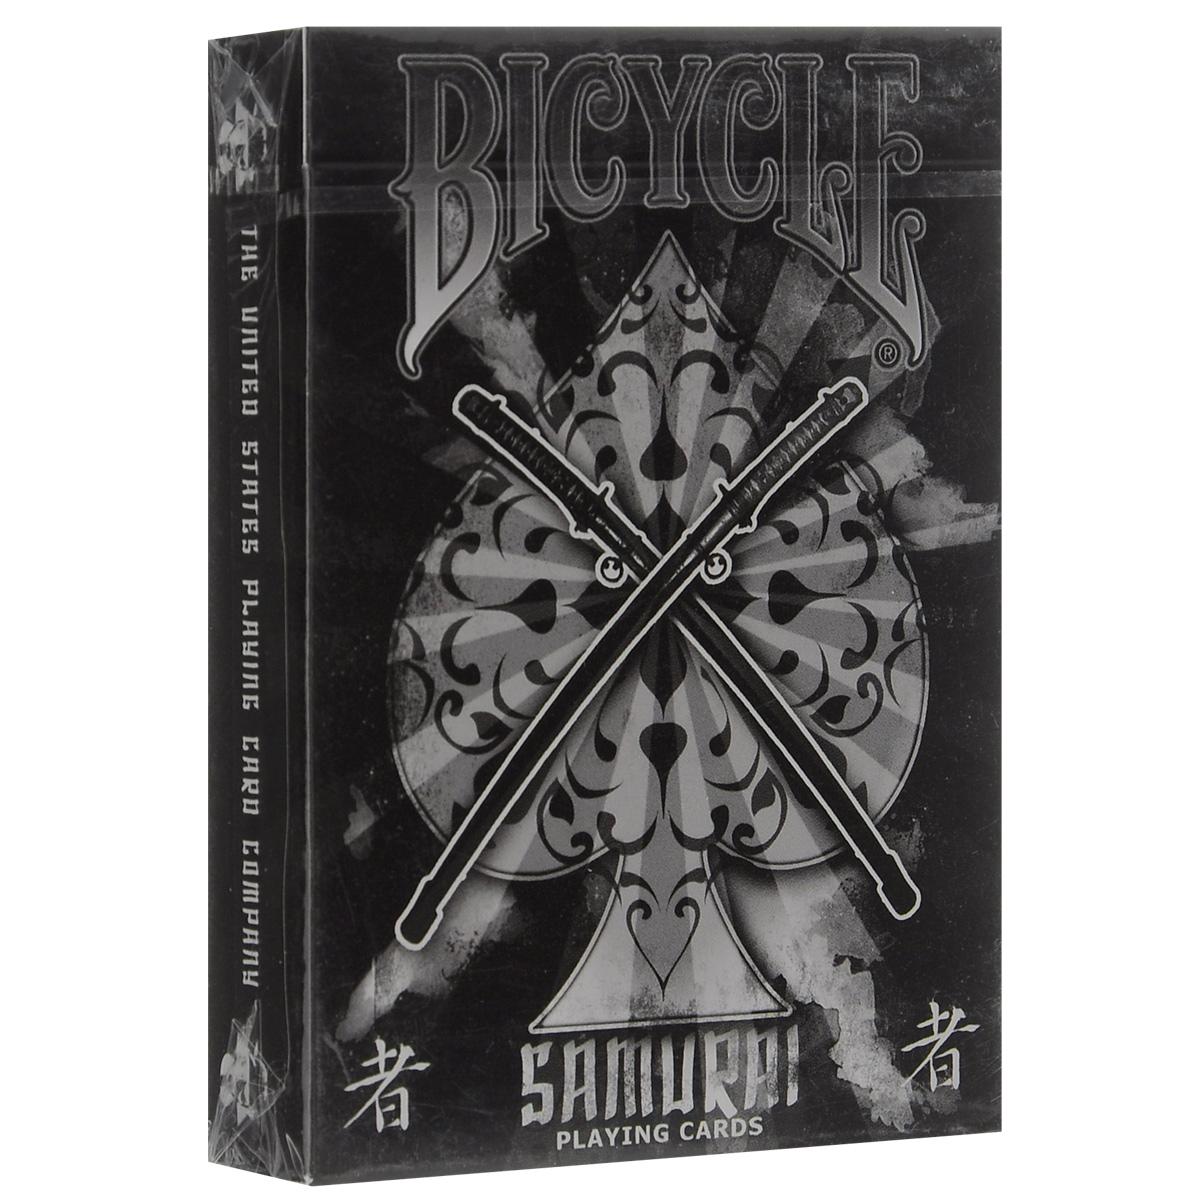 Игральные карты Bicycle Самурай 2, цвет: черный, белый, красныйК-415Прекрасные игральные карты Bicycle с дизайном на тему самураев. Дизайн разработан Сэмом Хайлэсом. Дизайн туза пик и джокеров был специально нарисован именно для этой колоды.